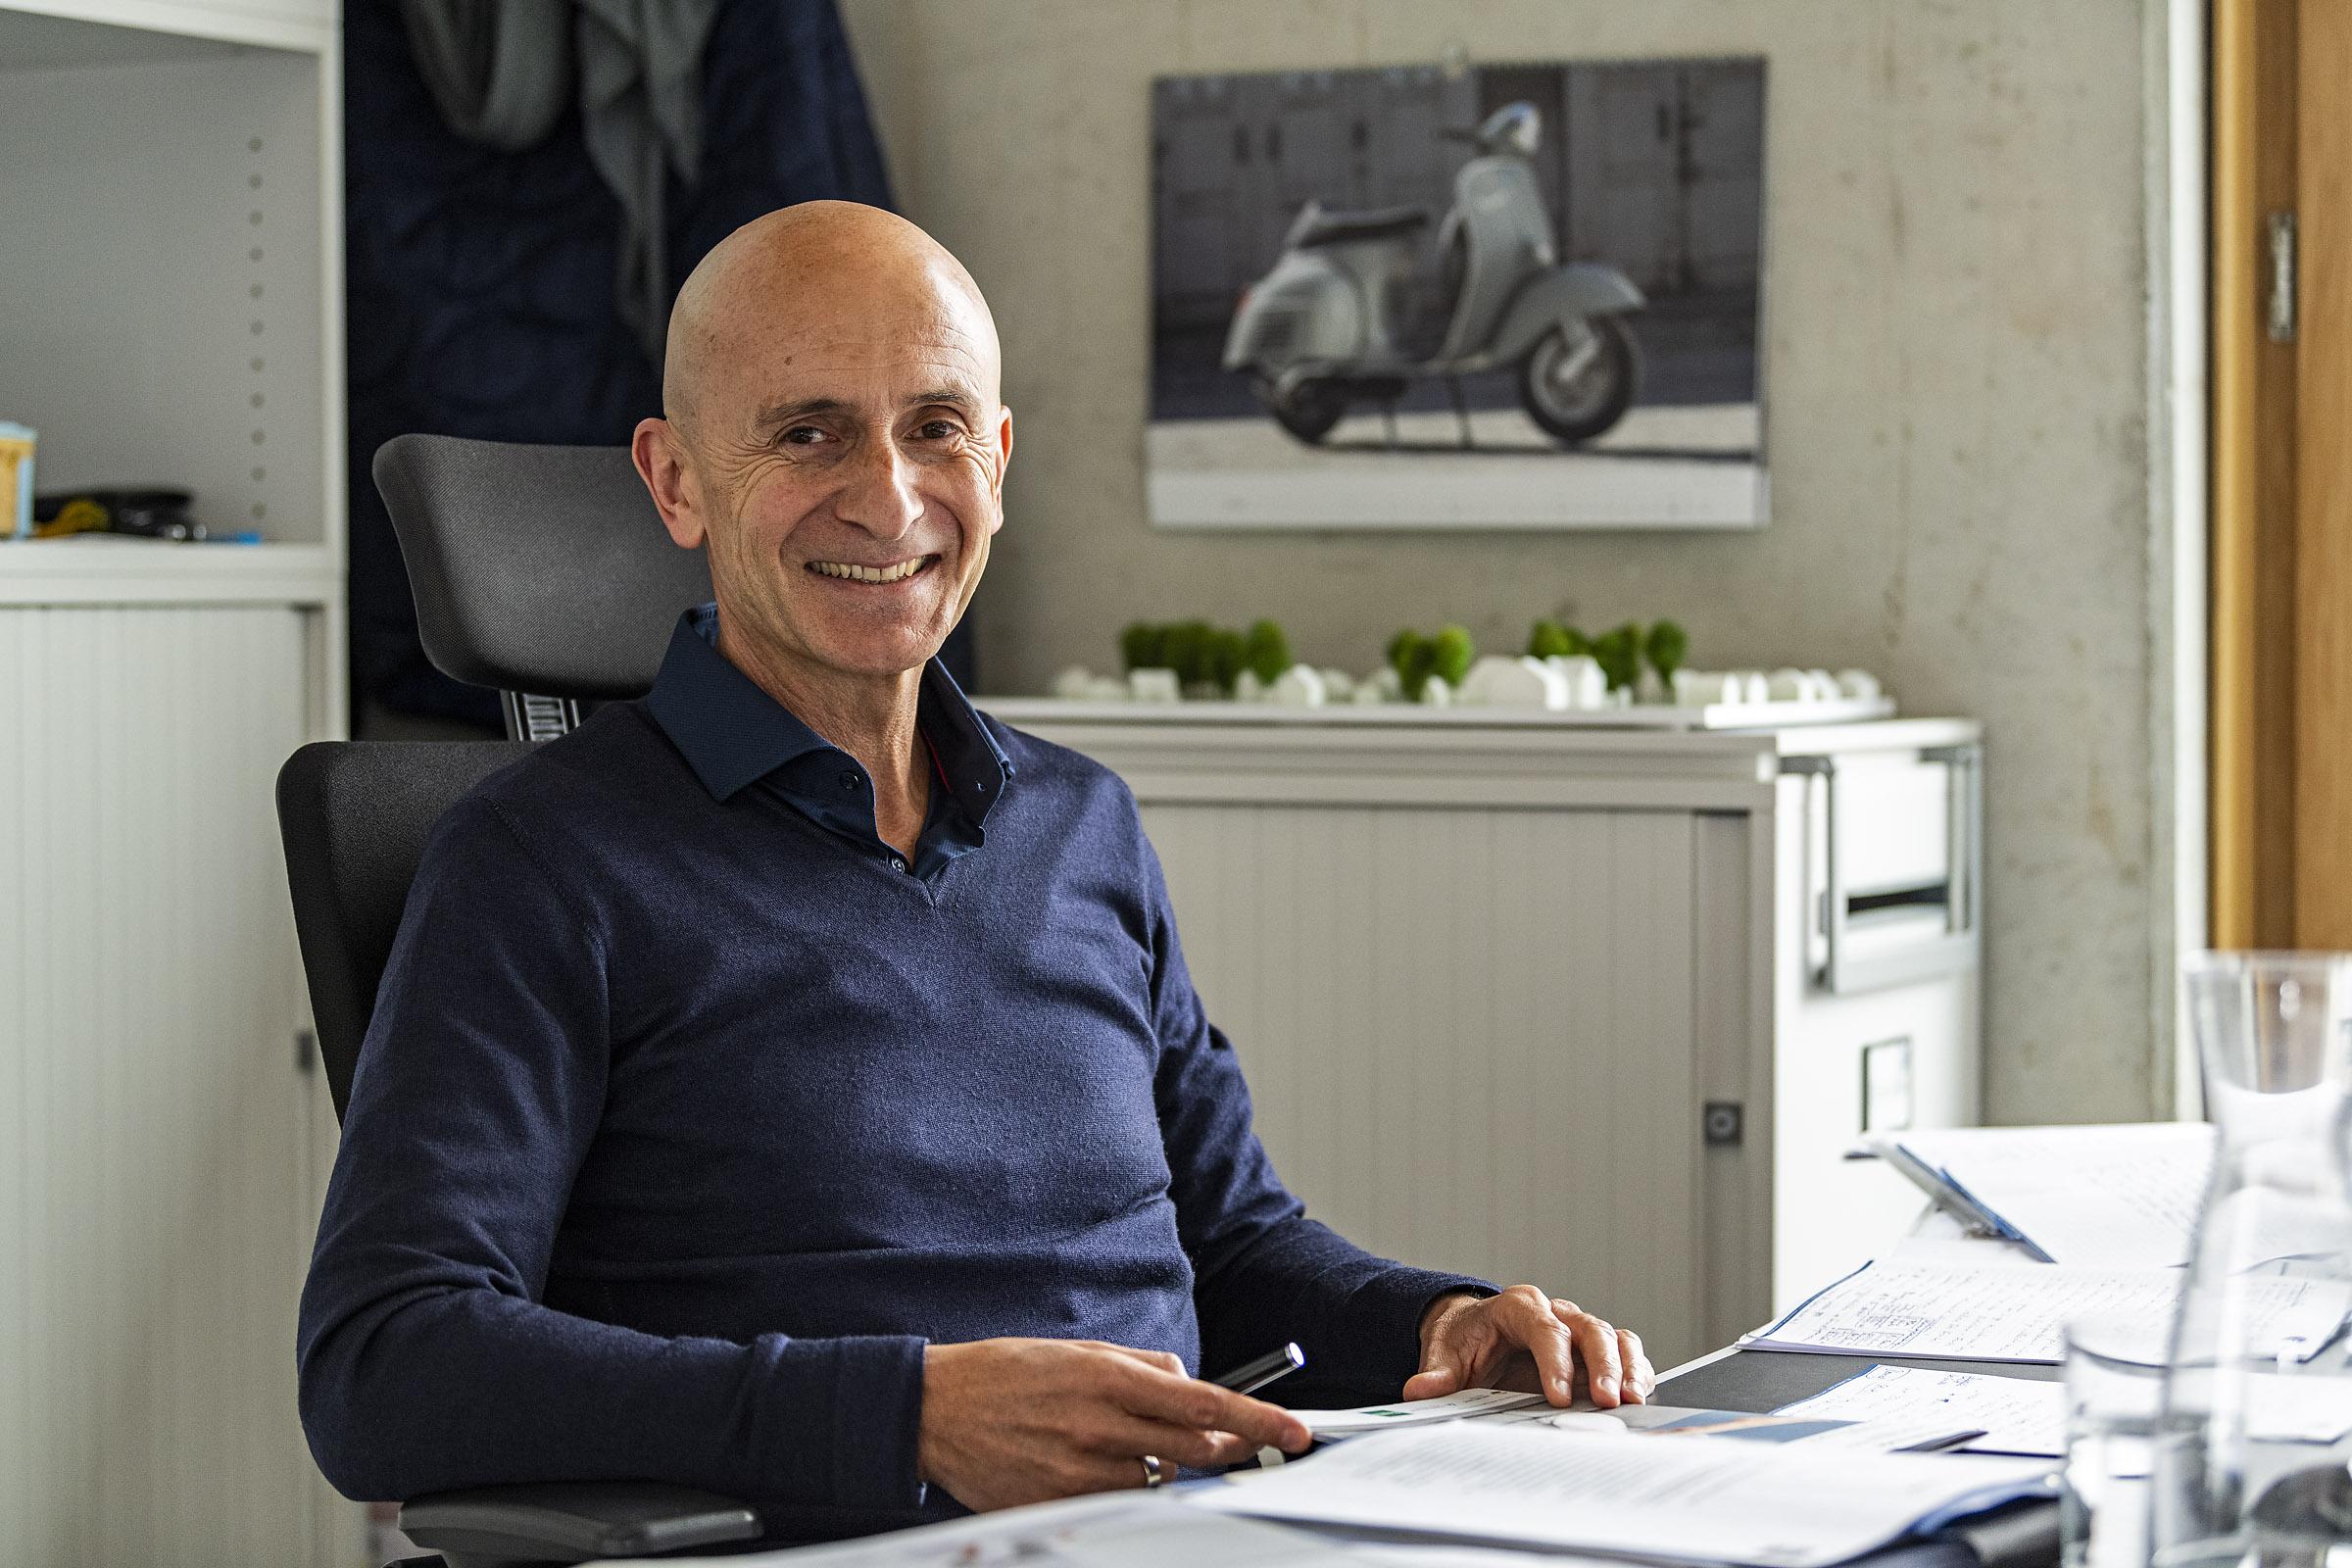 Bernhard Jakob, Geschäftsführer der asset bauen wohnen gmbh im Interview